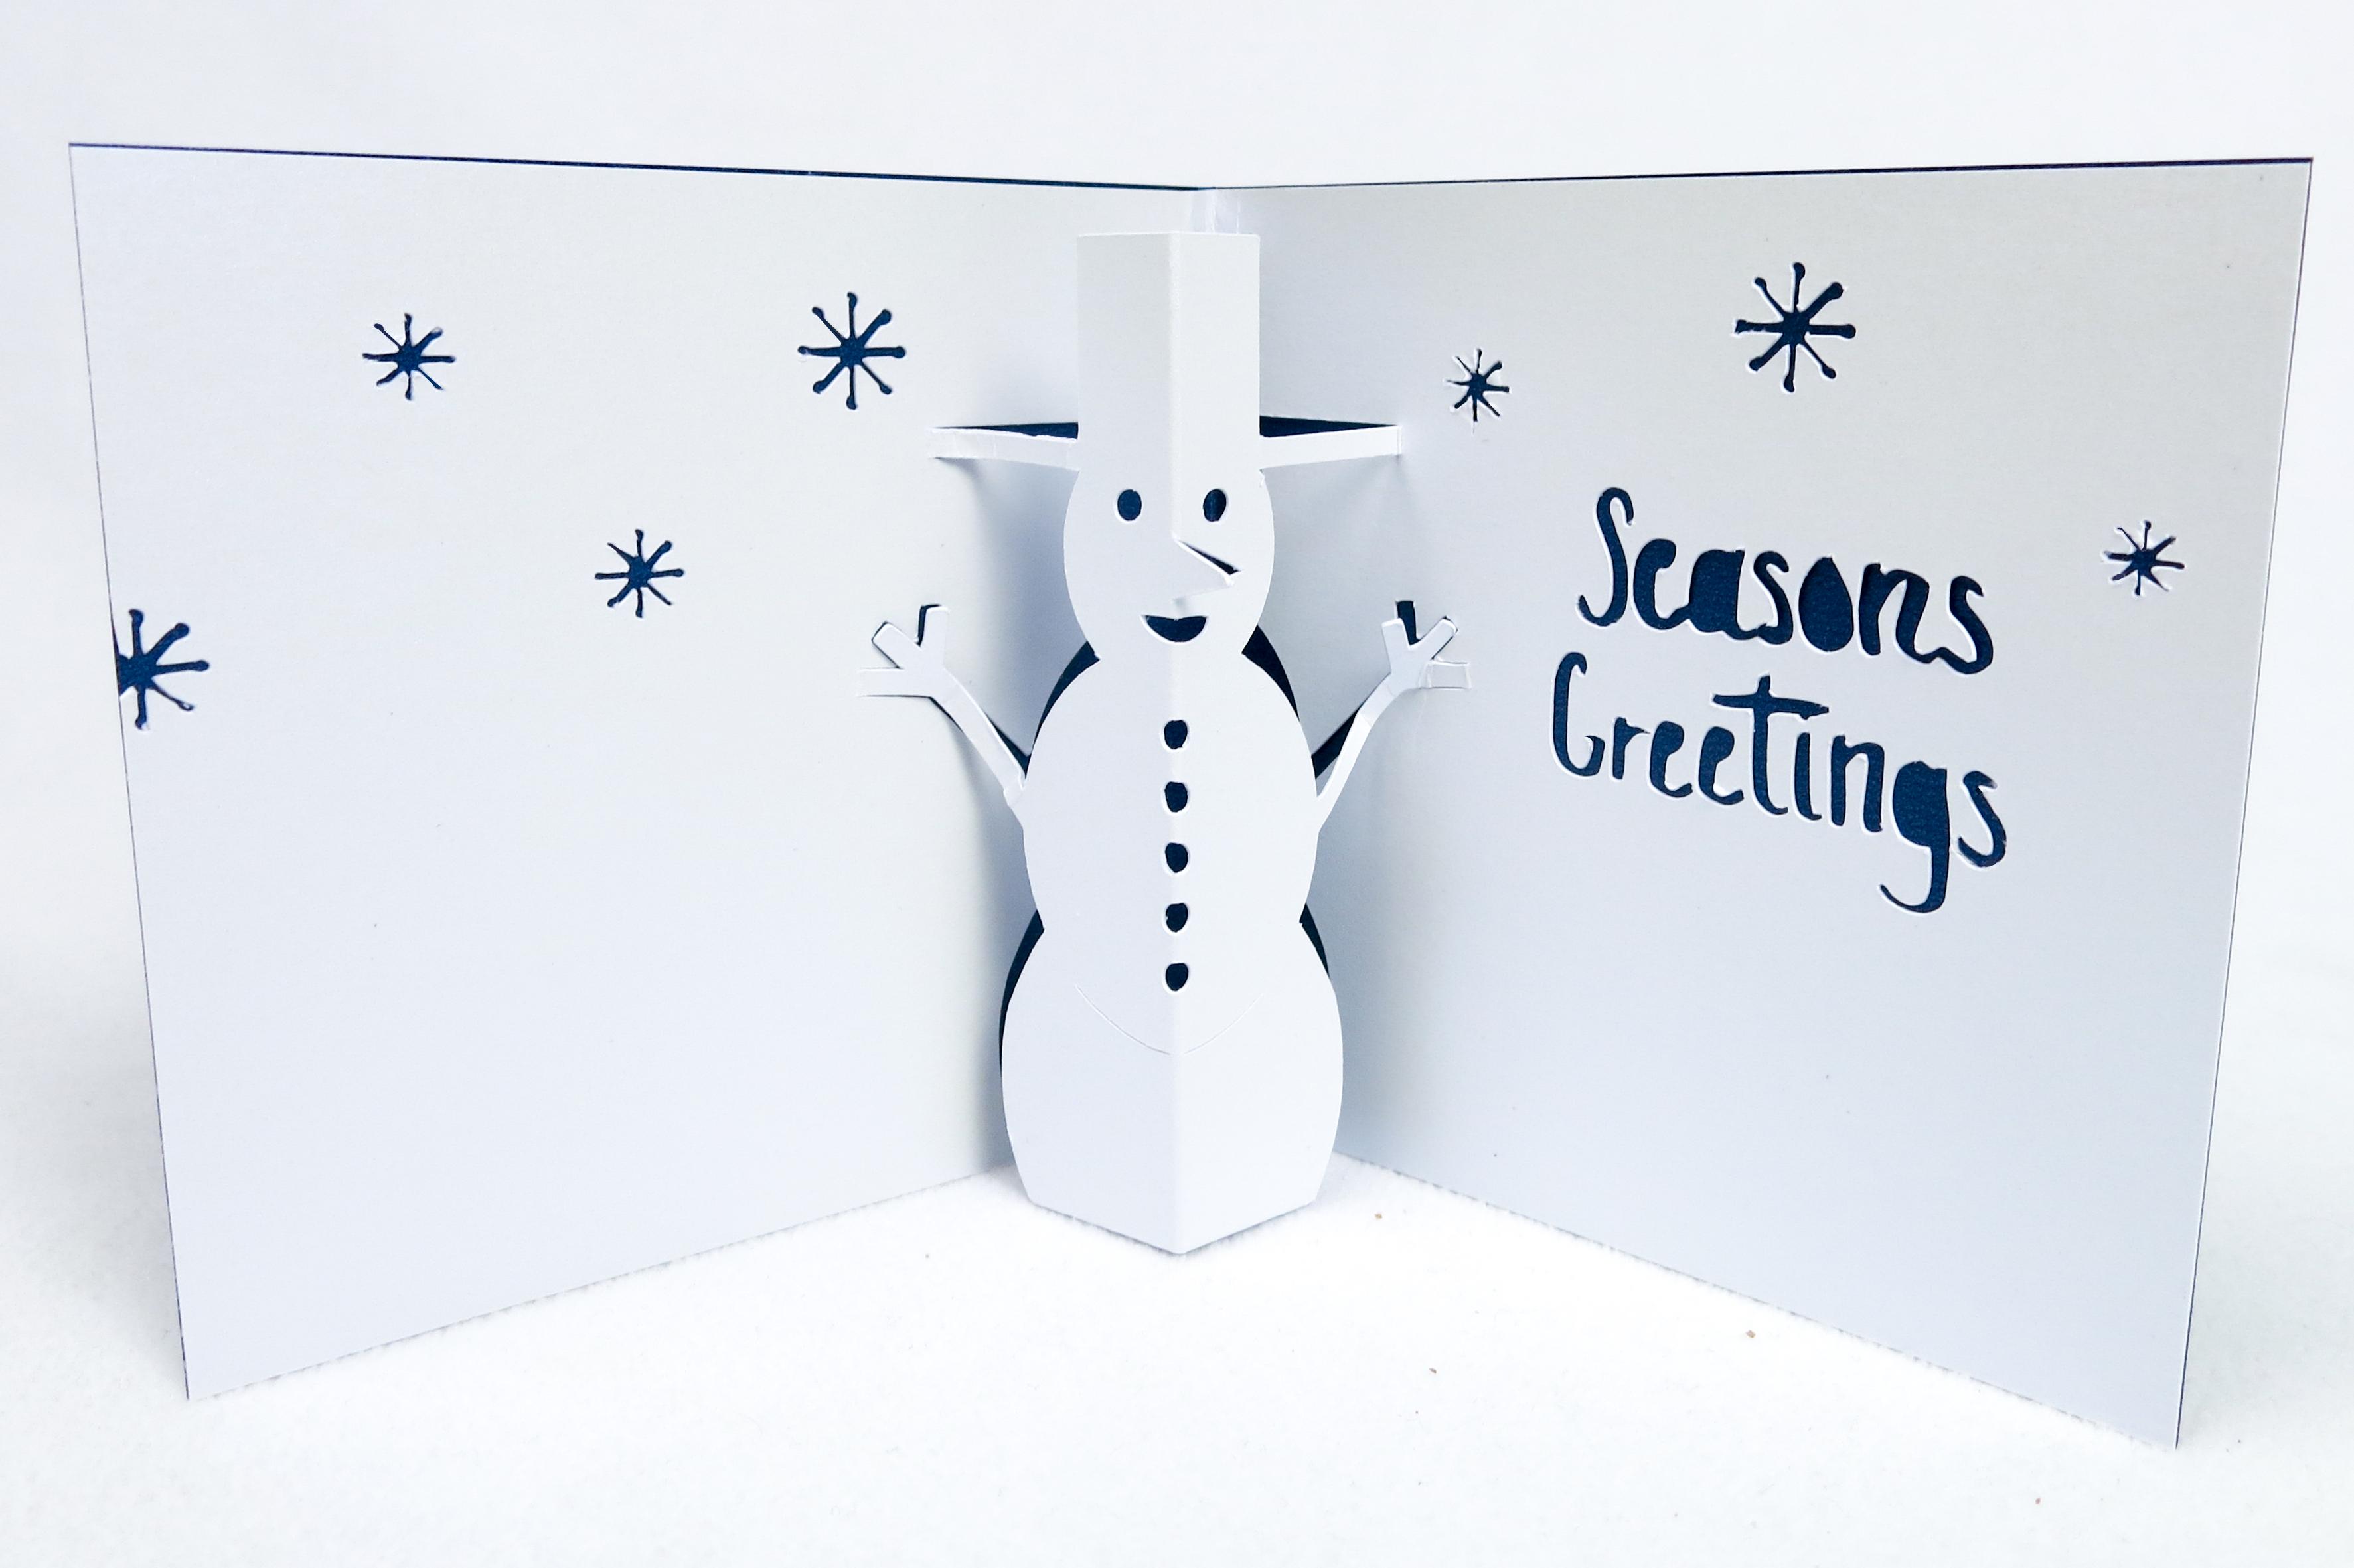 Seasons Greetings Opened Card